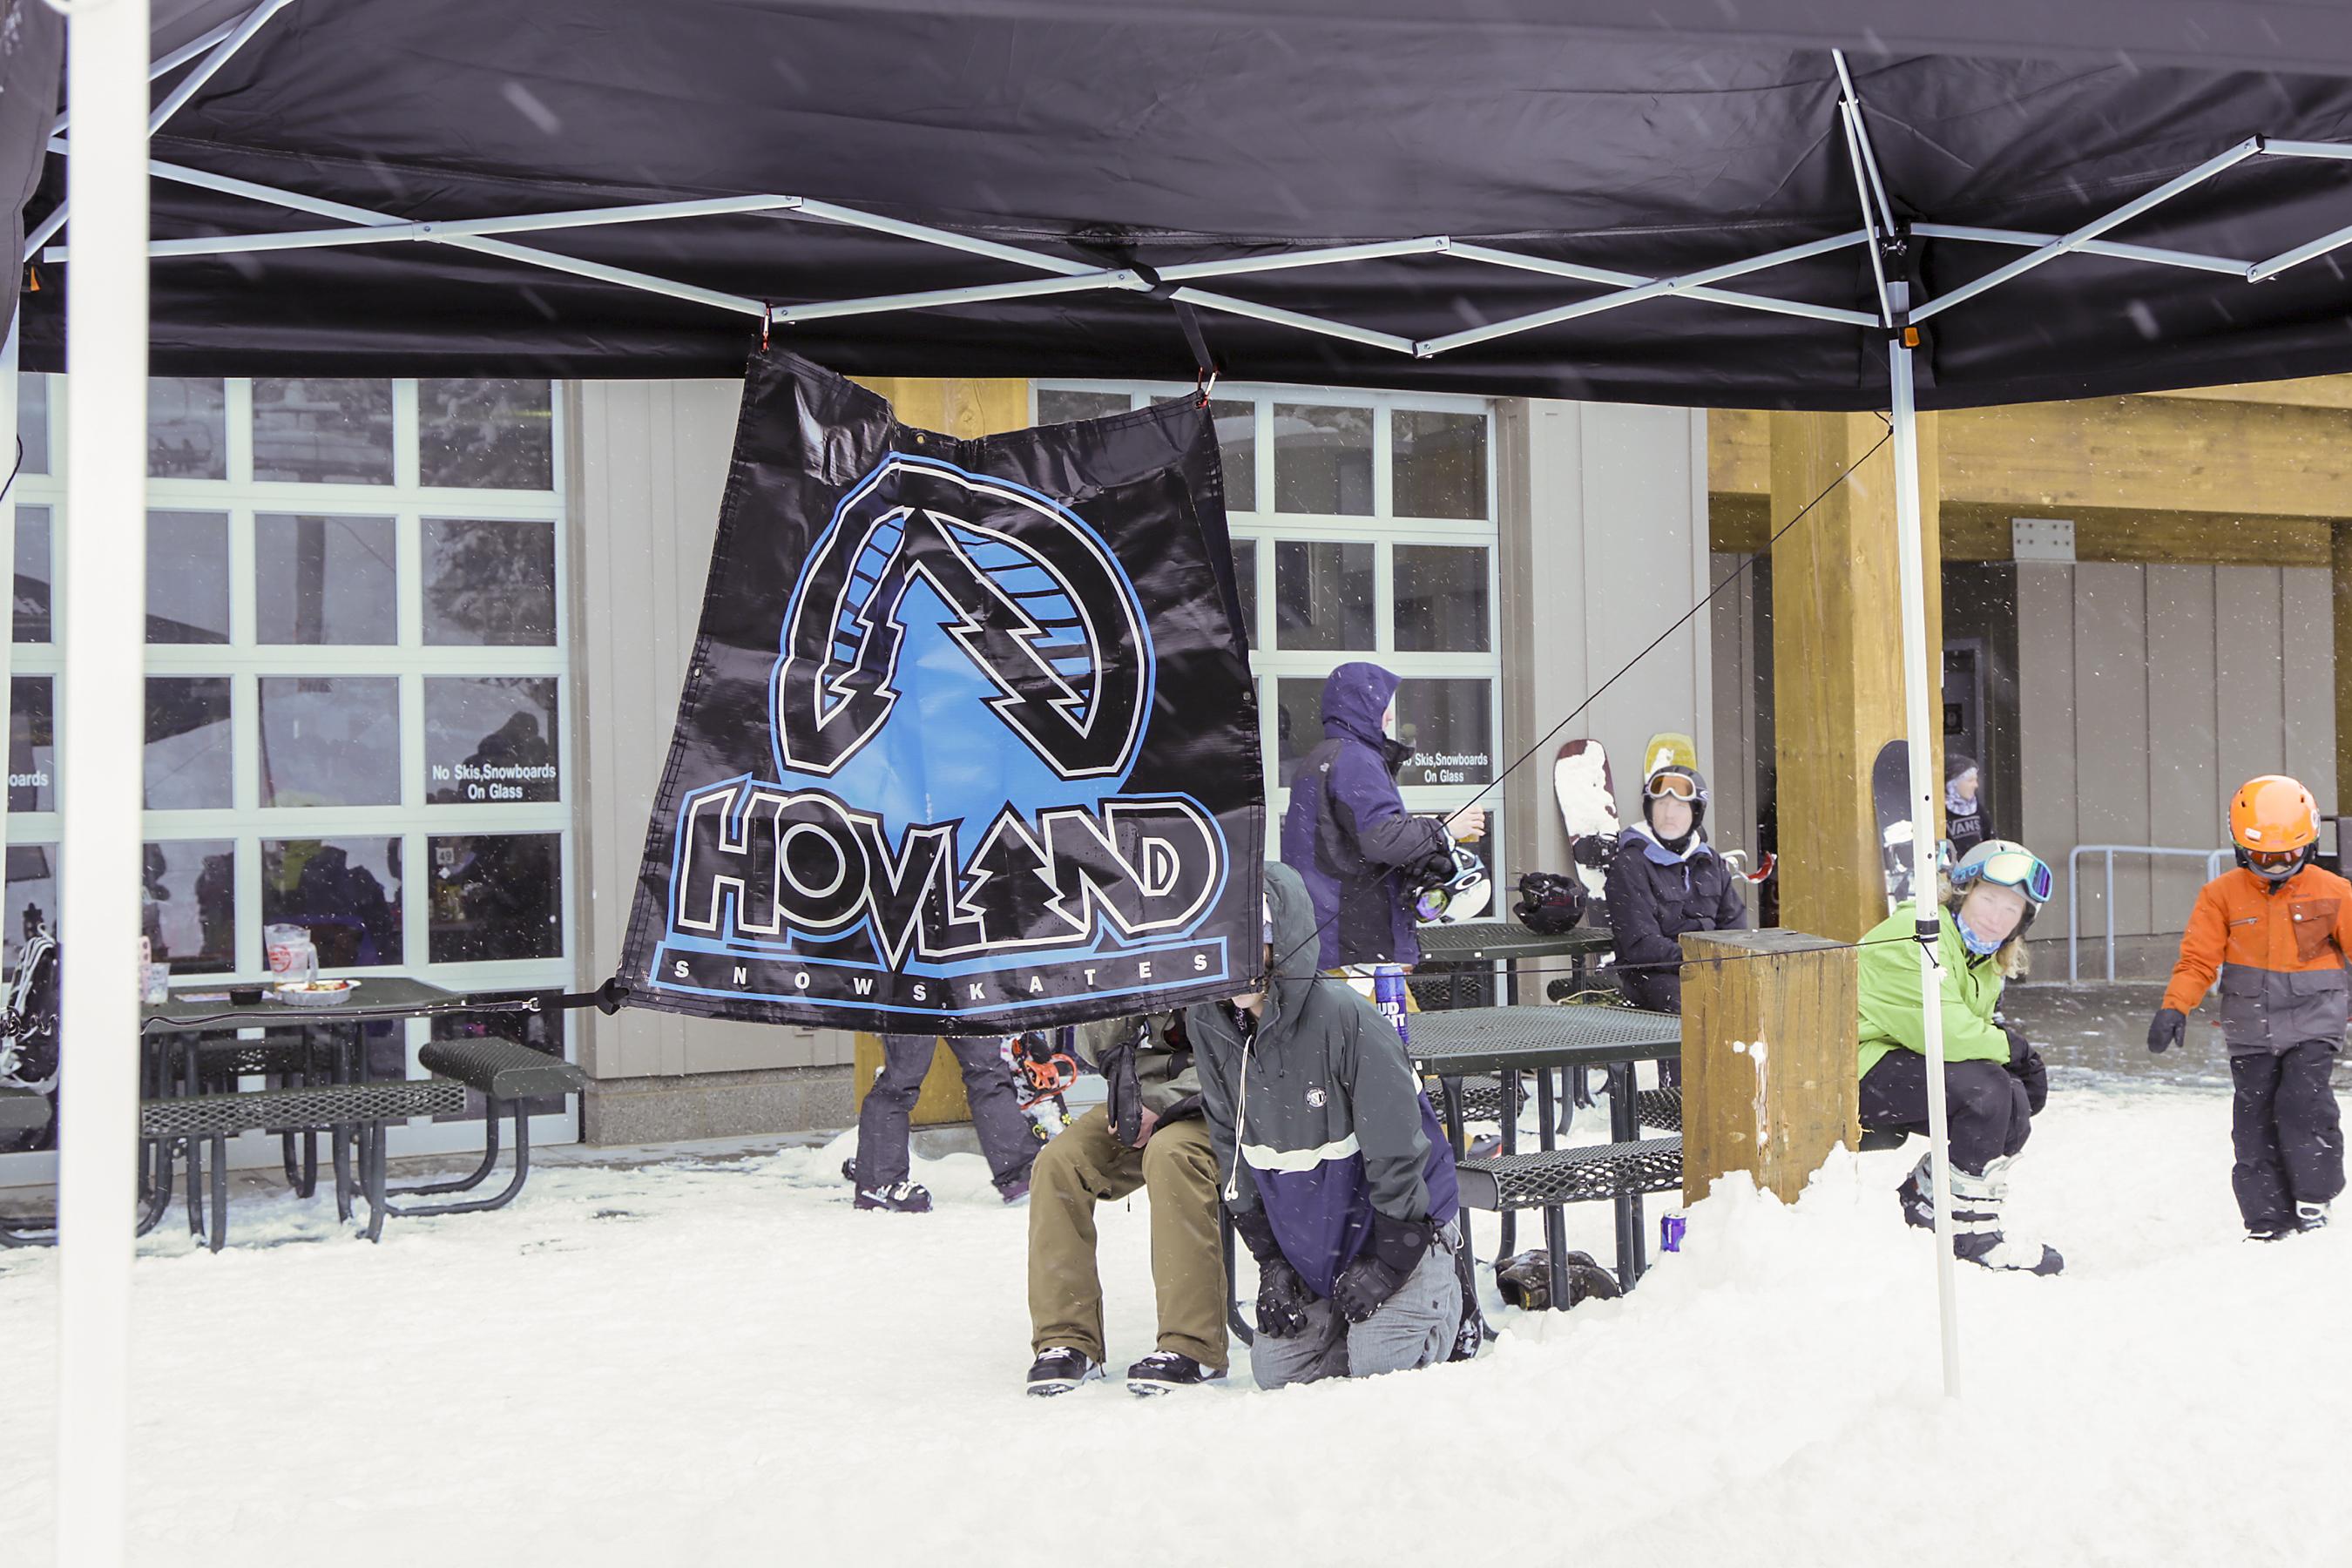 The sponsor Hovland Snowskates.